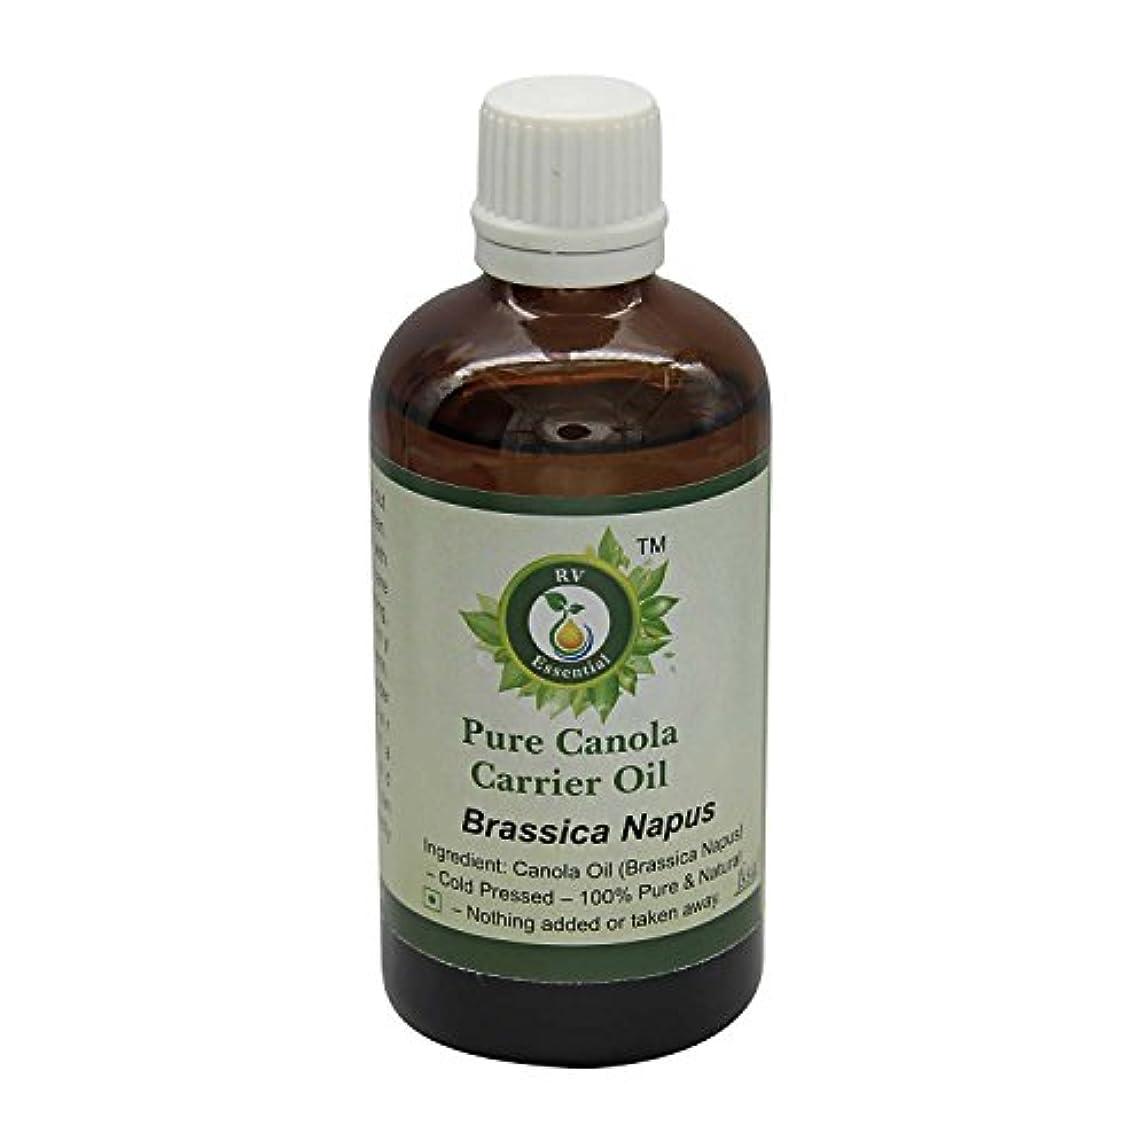 ほこりなめる飼料R V Essential 純粋なキャノーラキャリアオイル10ml (0.338oz)- Brassica Napus (100%ピュア&ナチュラルコールドPressed) Pure Canola Carrier Oil